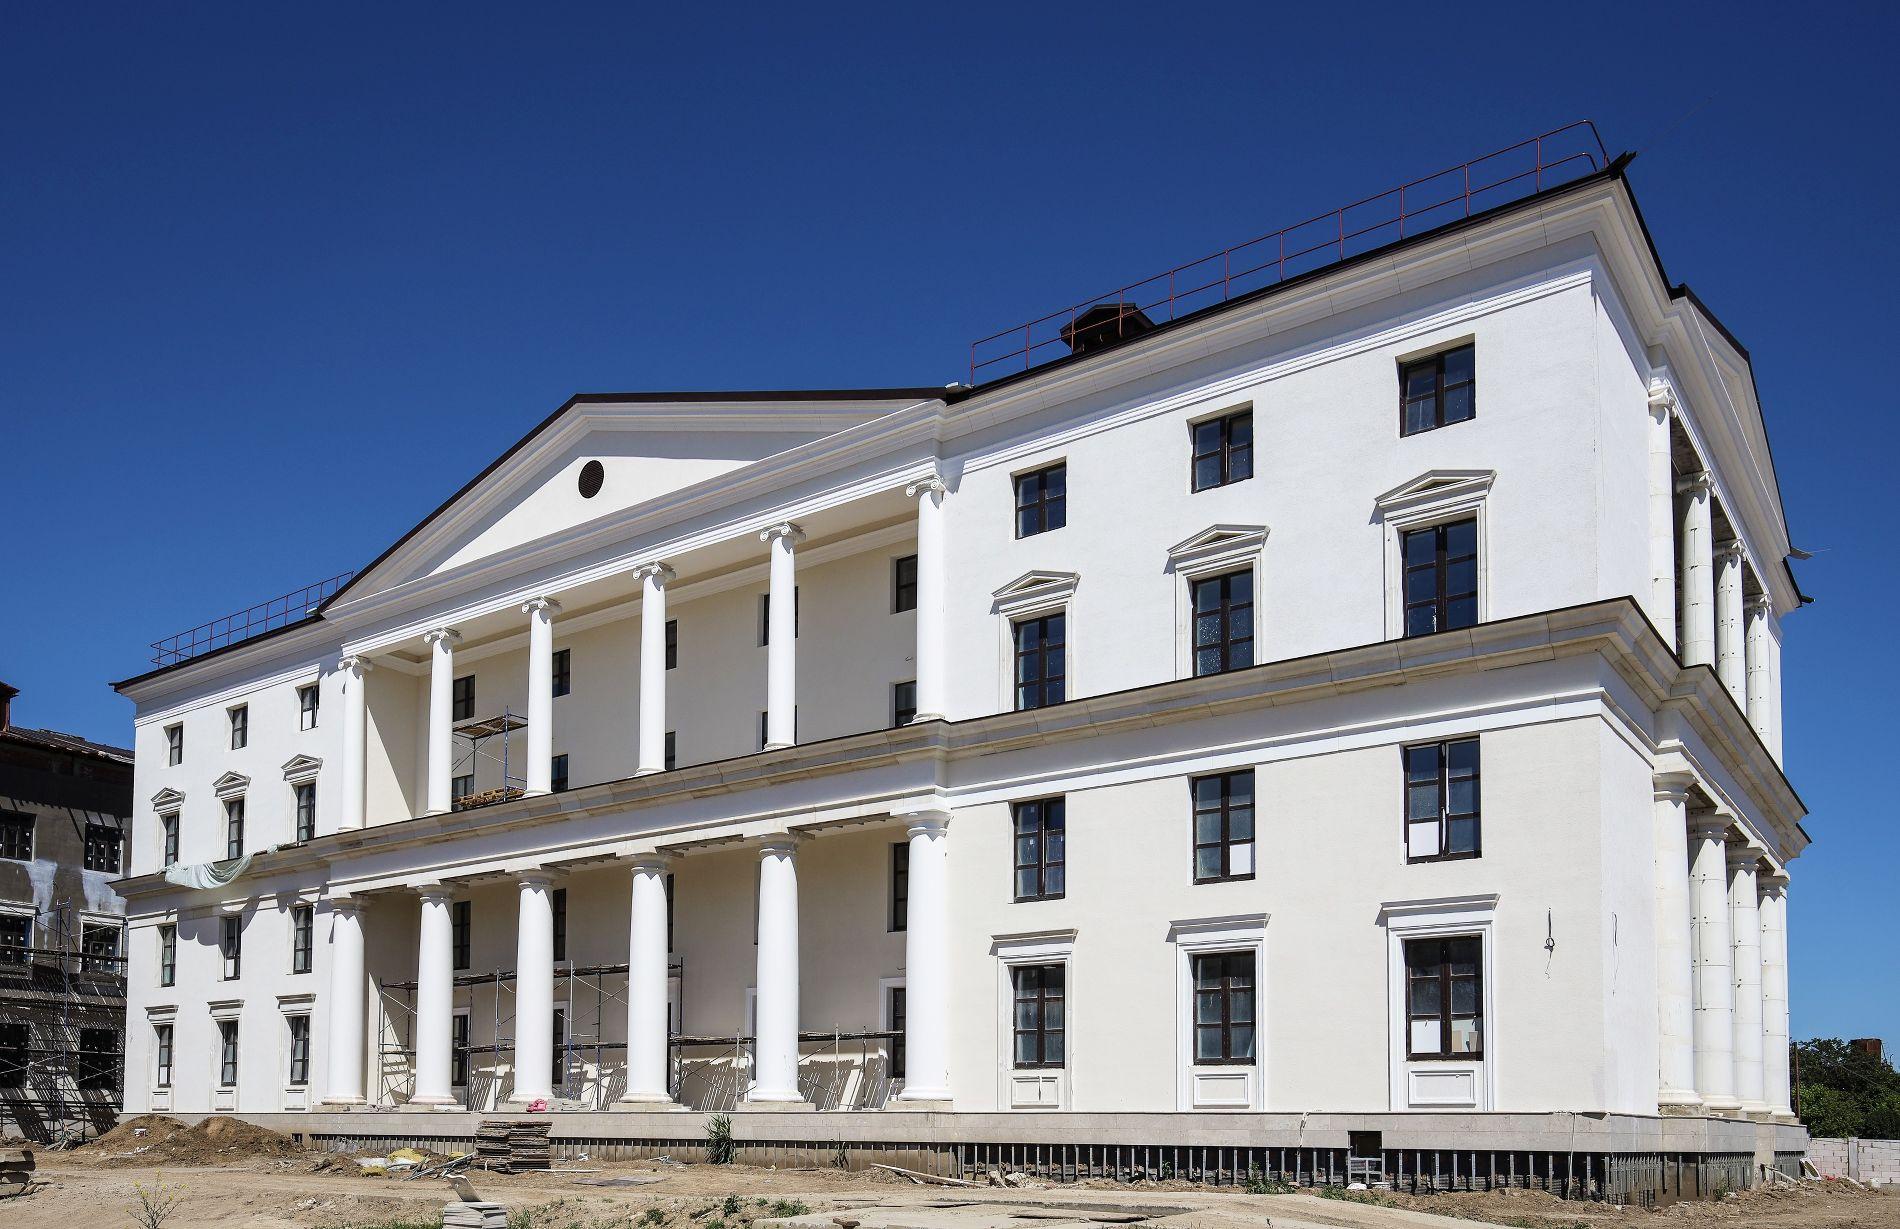 Четырехэтажный кампус рассчитан на проживание 200 человек на условиях полного пансиона ©Фото пресс-службы фонда «Вольное дело»